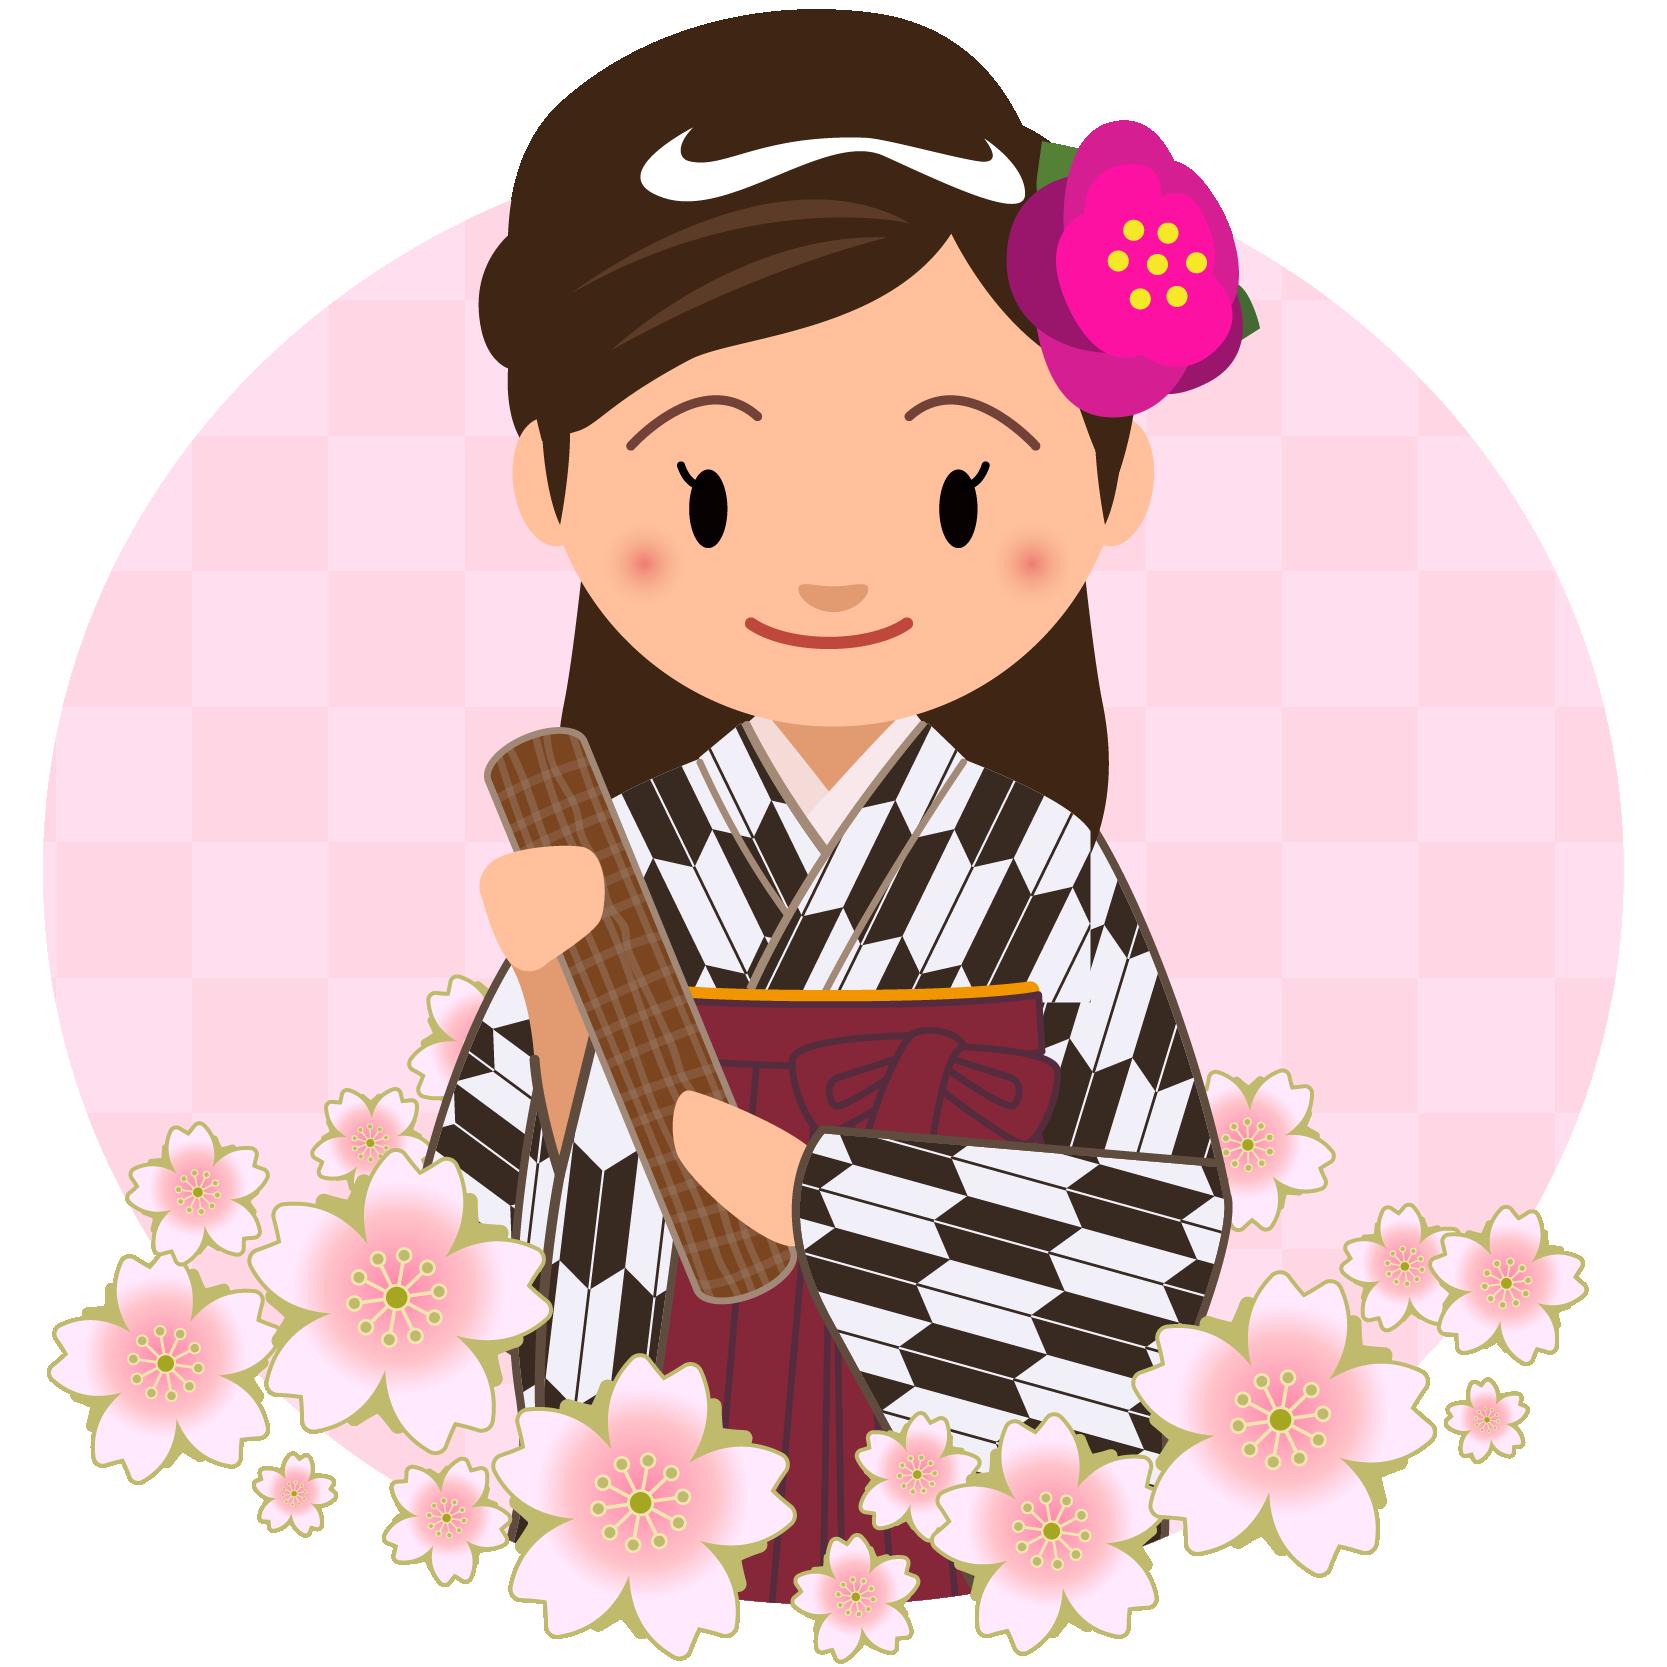 商用フリー・無料イラスト_大学卒業式_袴姿の女の子_矢絣_黒__桜花びらsotsugyo022